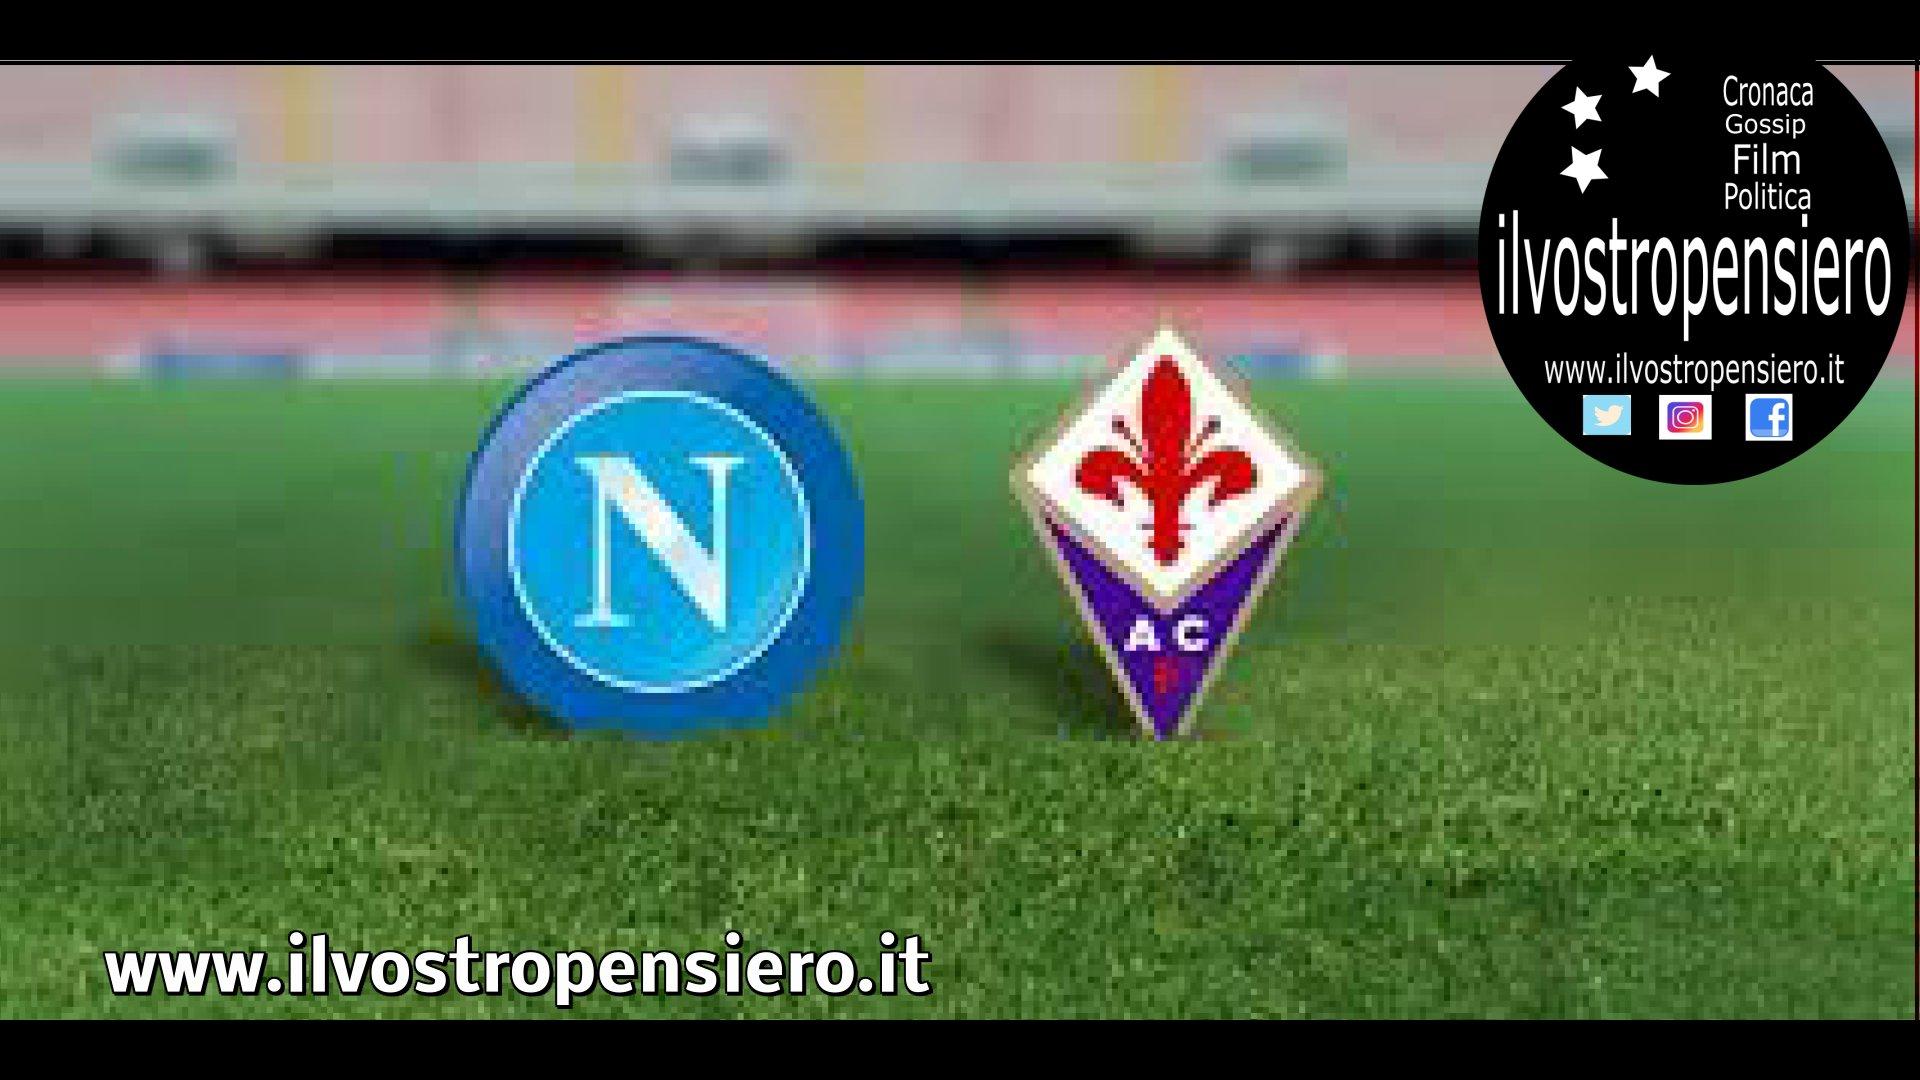 Calciomercato: Napoli e Fiorentina vogliono lo stesso fuoriclasse ex juventus